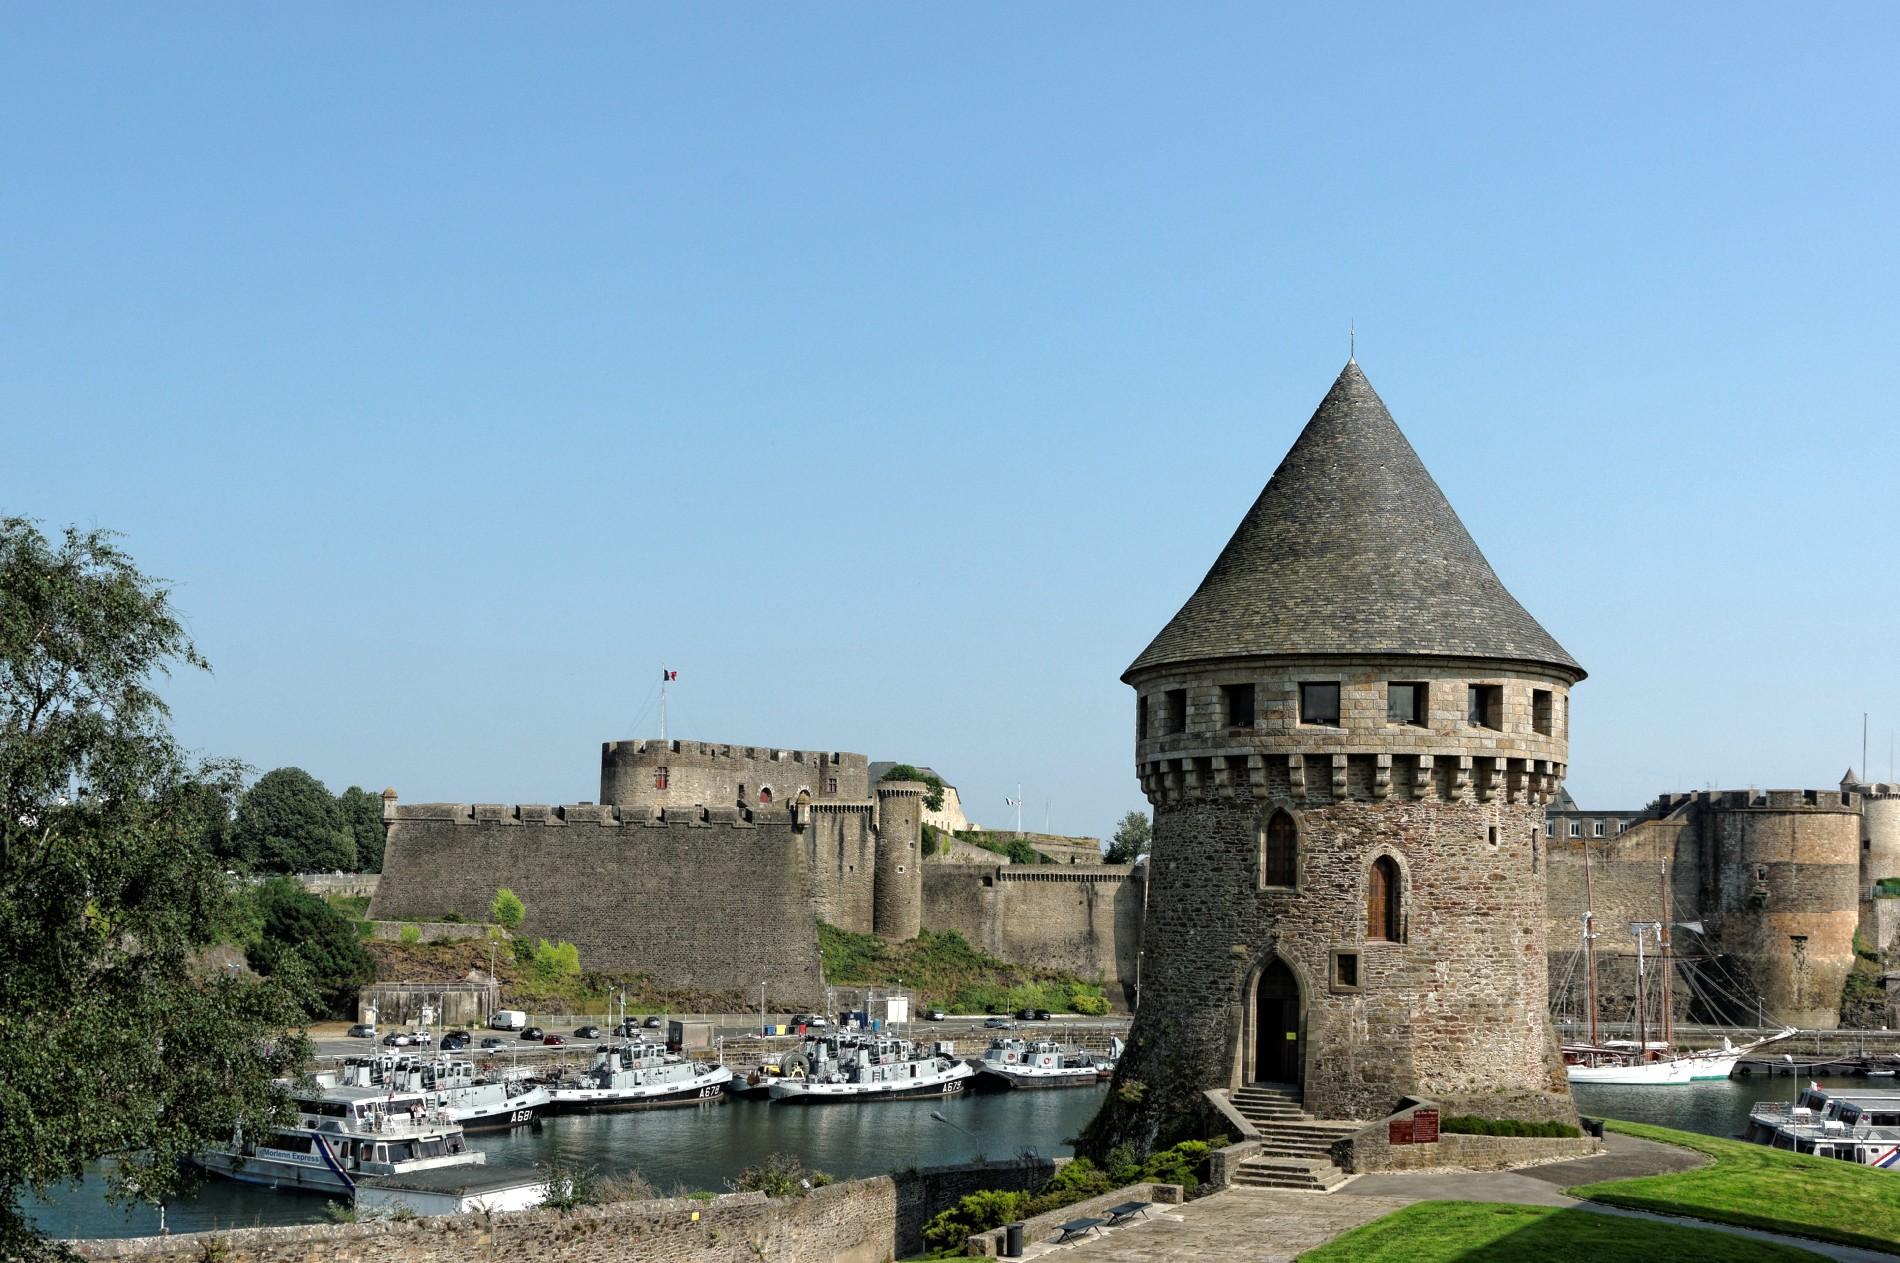 Brest (Брест), Бретань, Франция - достопримечательности Бреста, путеводитель по Бресту. Что посмотреть в Бресте, как добраться в Брест, расписание транспорта